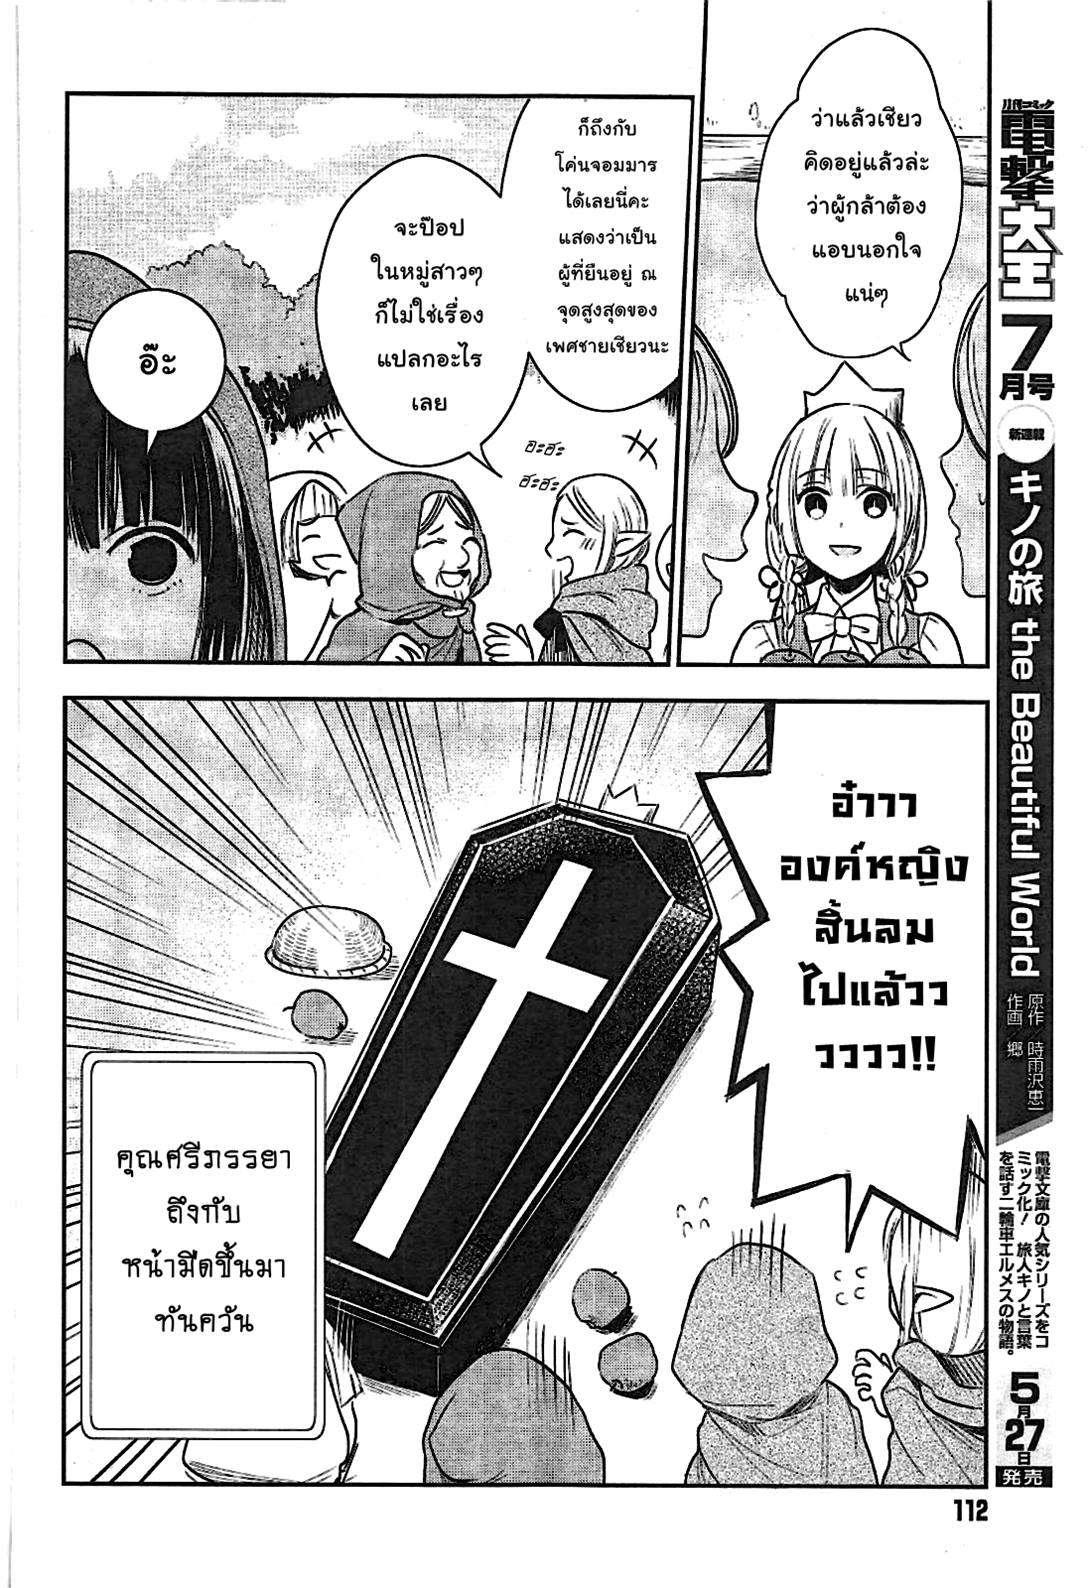 อ่านการ์ตูน Anata no Danna Uwaki shitemasu yo ตอนที่ 1 หน้าที่ 4